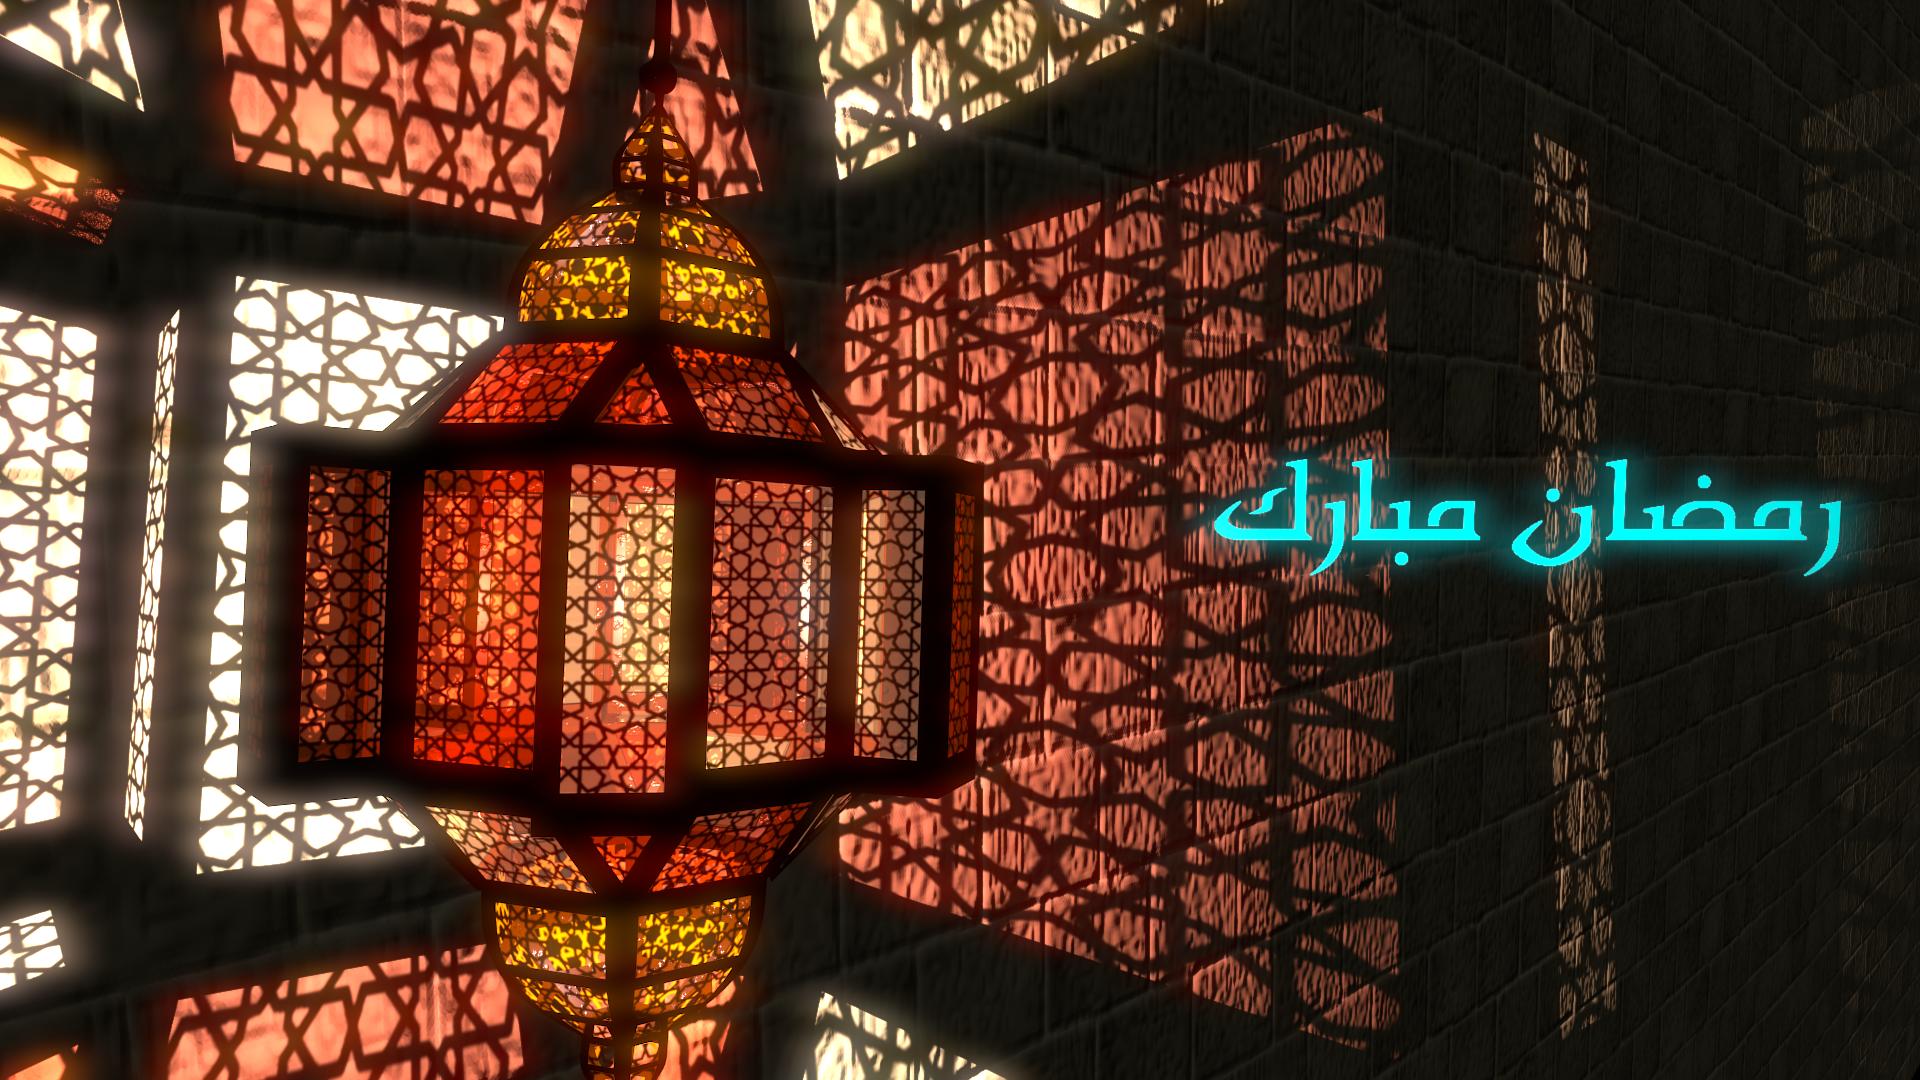 صور و خلفيات فوانيس رمضان لسطح المكتب اهديها لمن تحب   Fanous_ramadan___orange_by_tkntgr-d45jauk